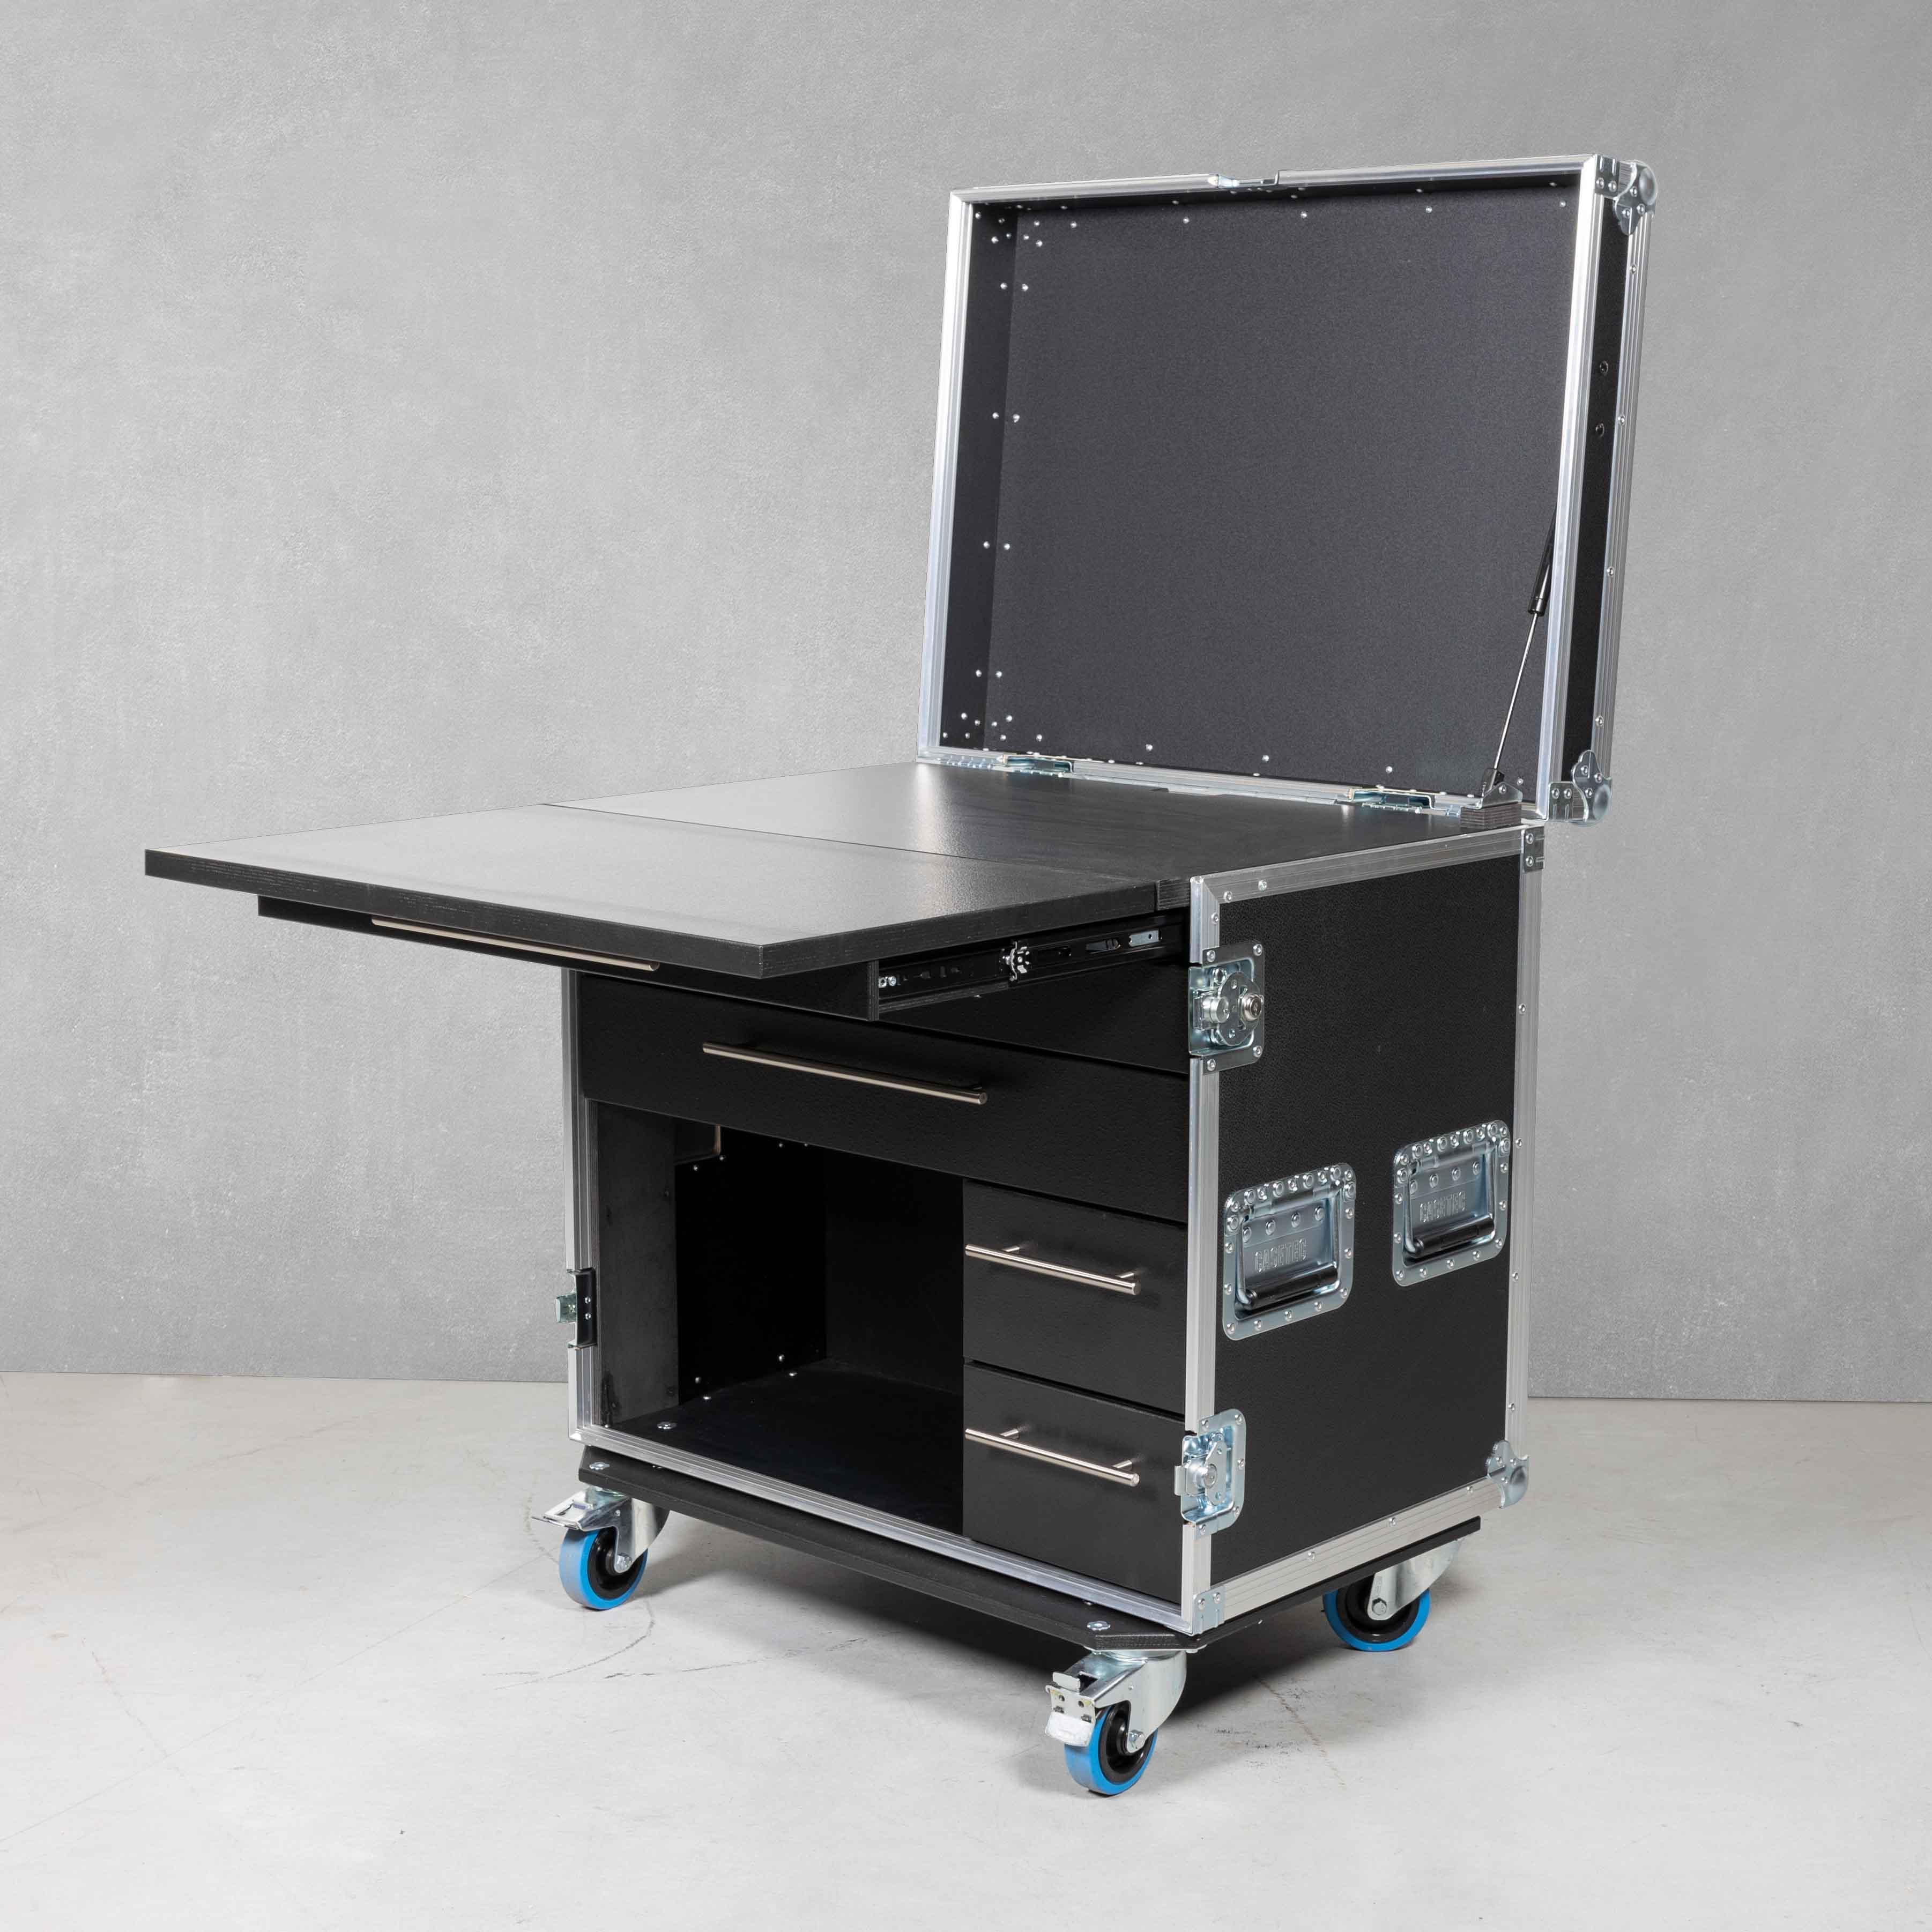 Mobile Workstation OfficeCase für Laptop und Bürobedarf